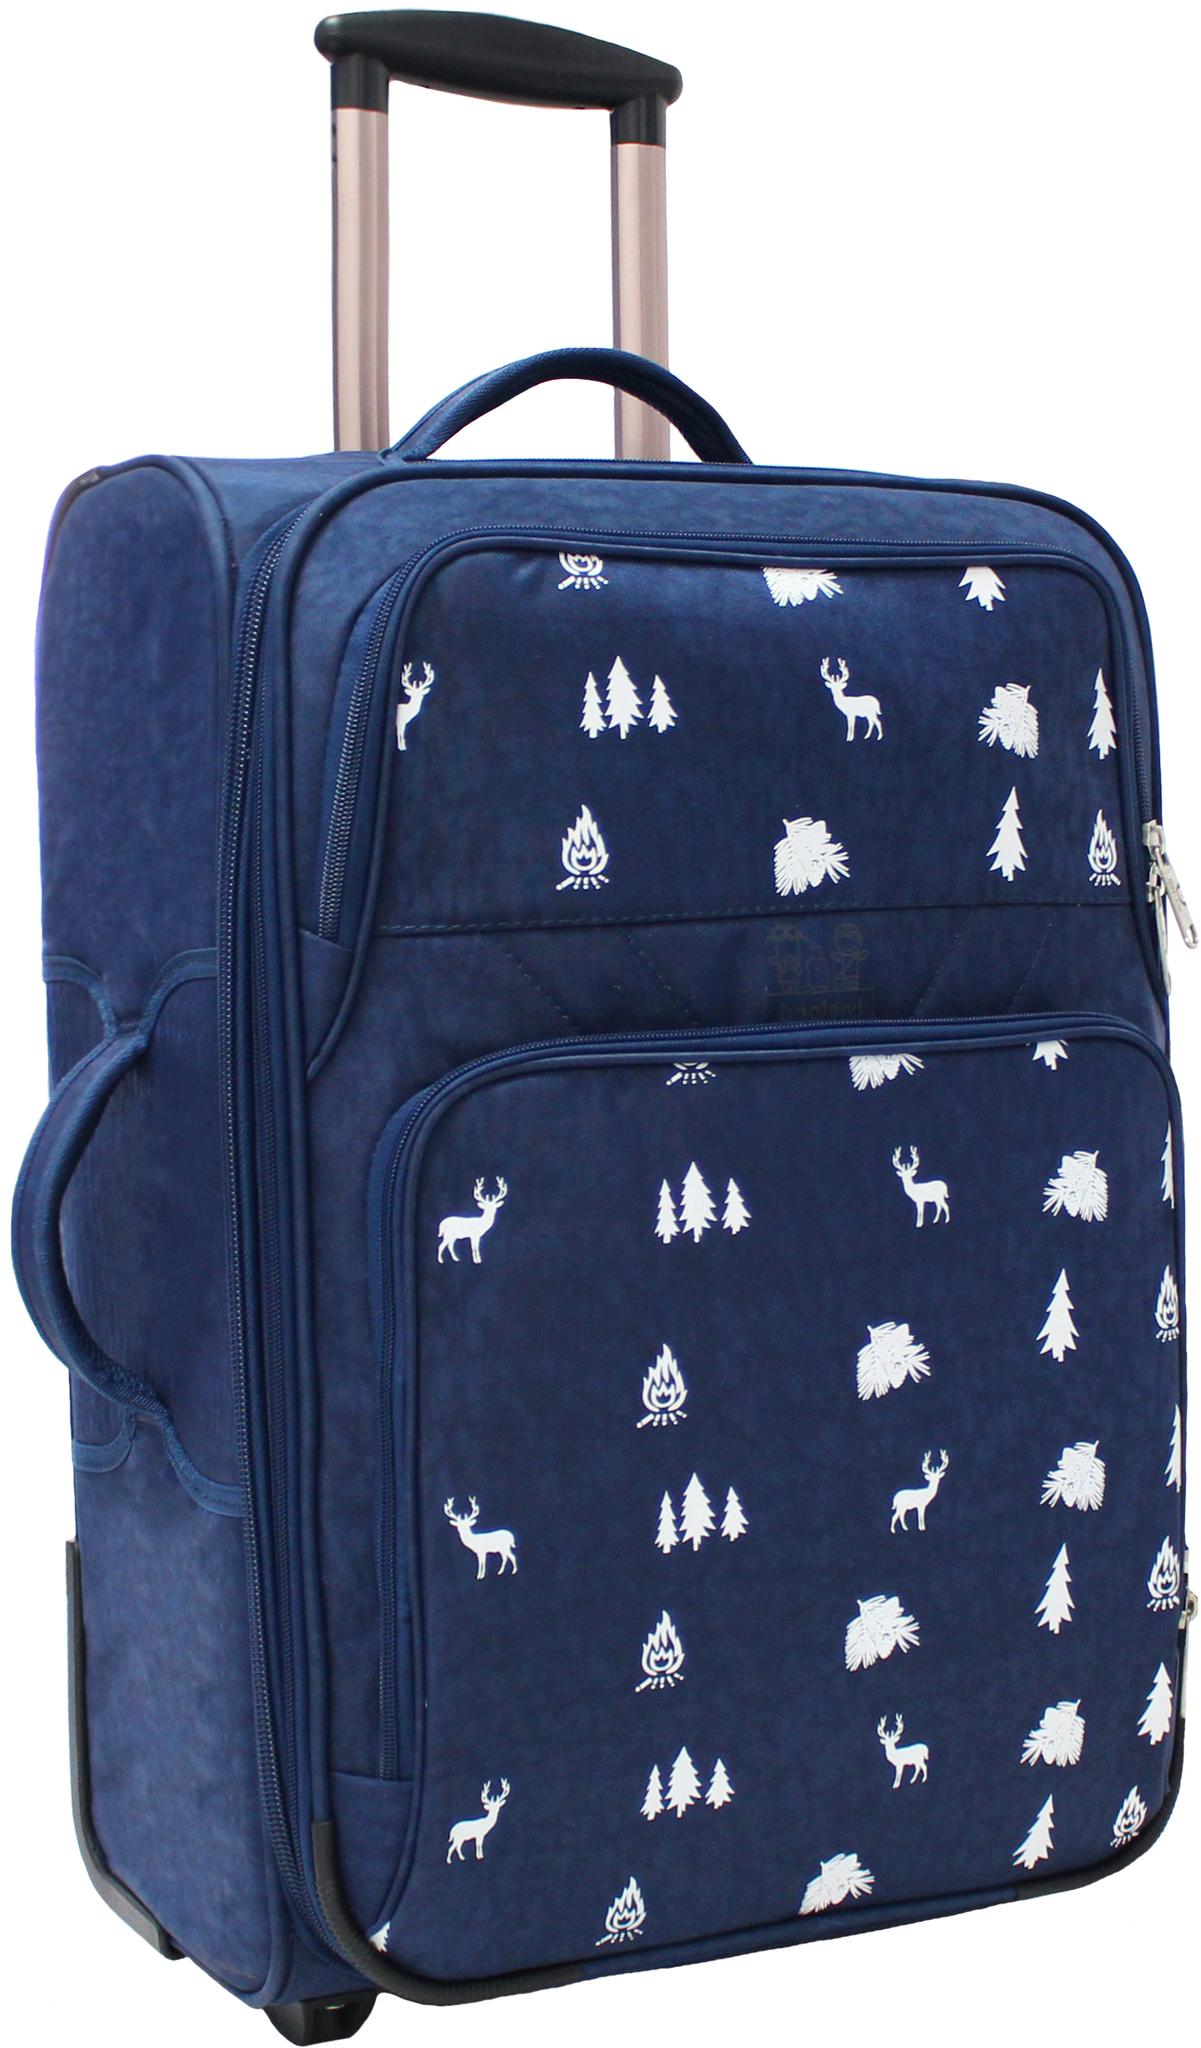 Дорожные чемоданы Чемодан Bagland Леон средний 51 л. 225 синій/олені (003767024) IMG_5344.JPG